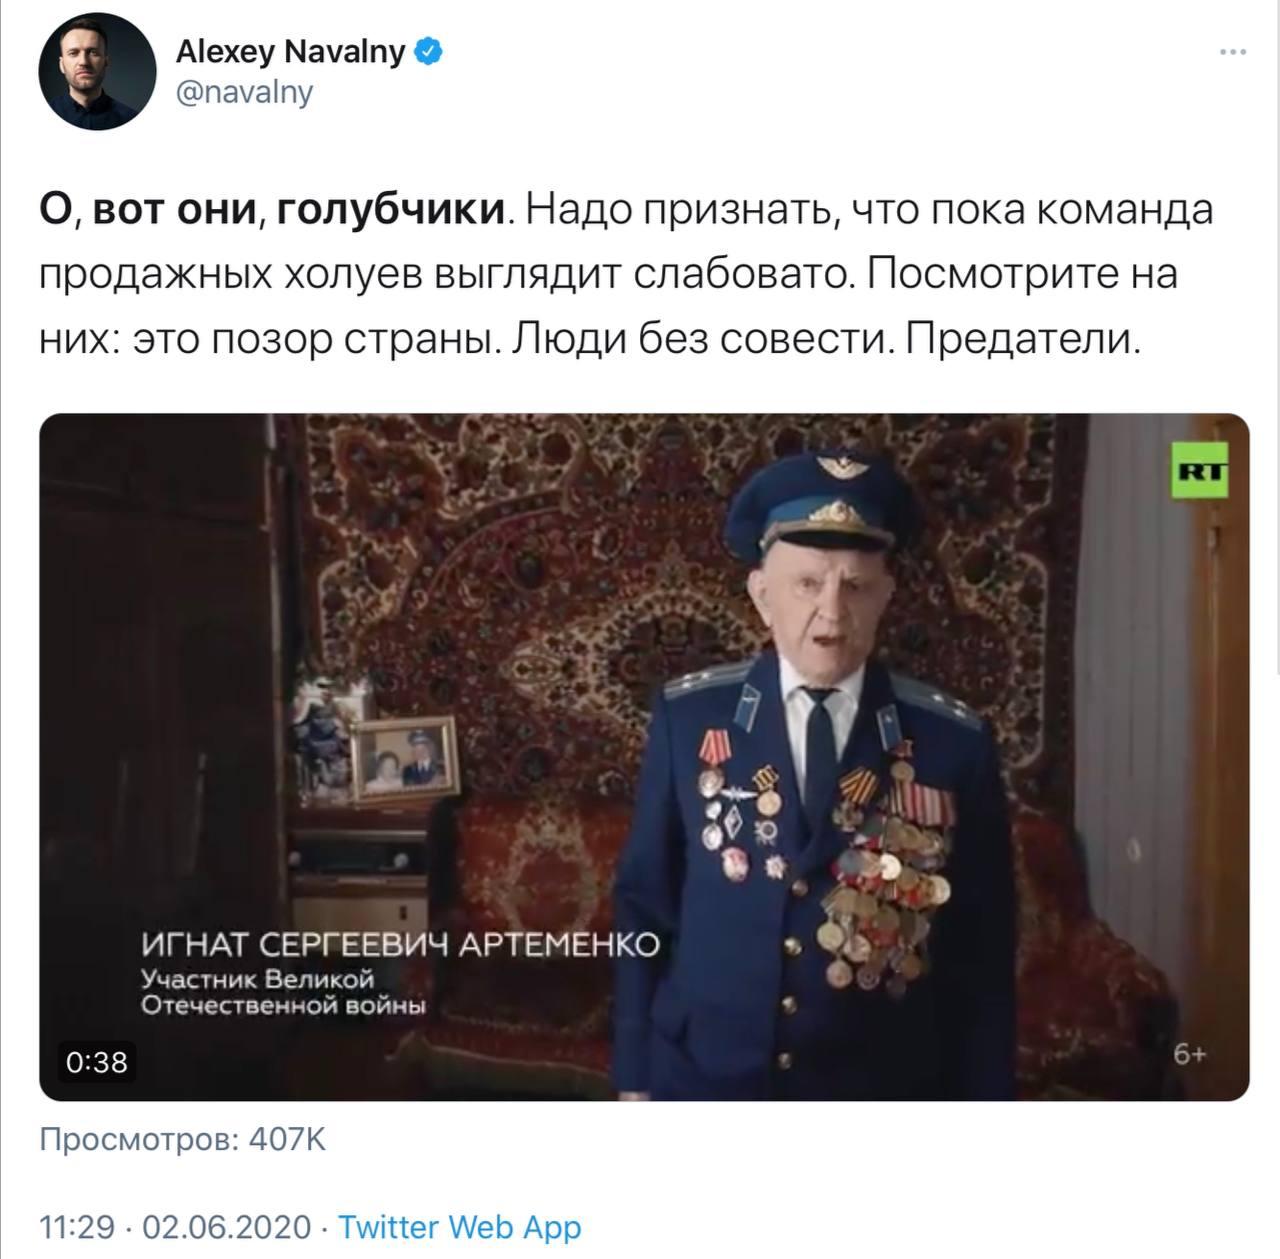 Показываю, как было сфабриковано дело Навального об оскорблении ветерана